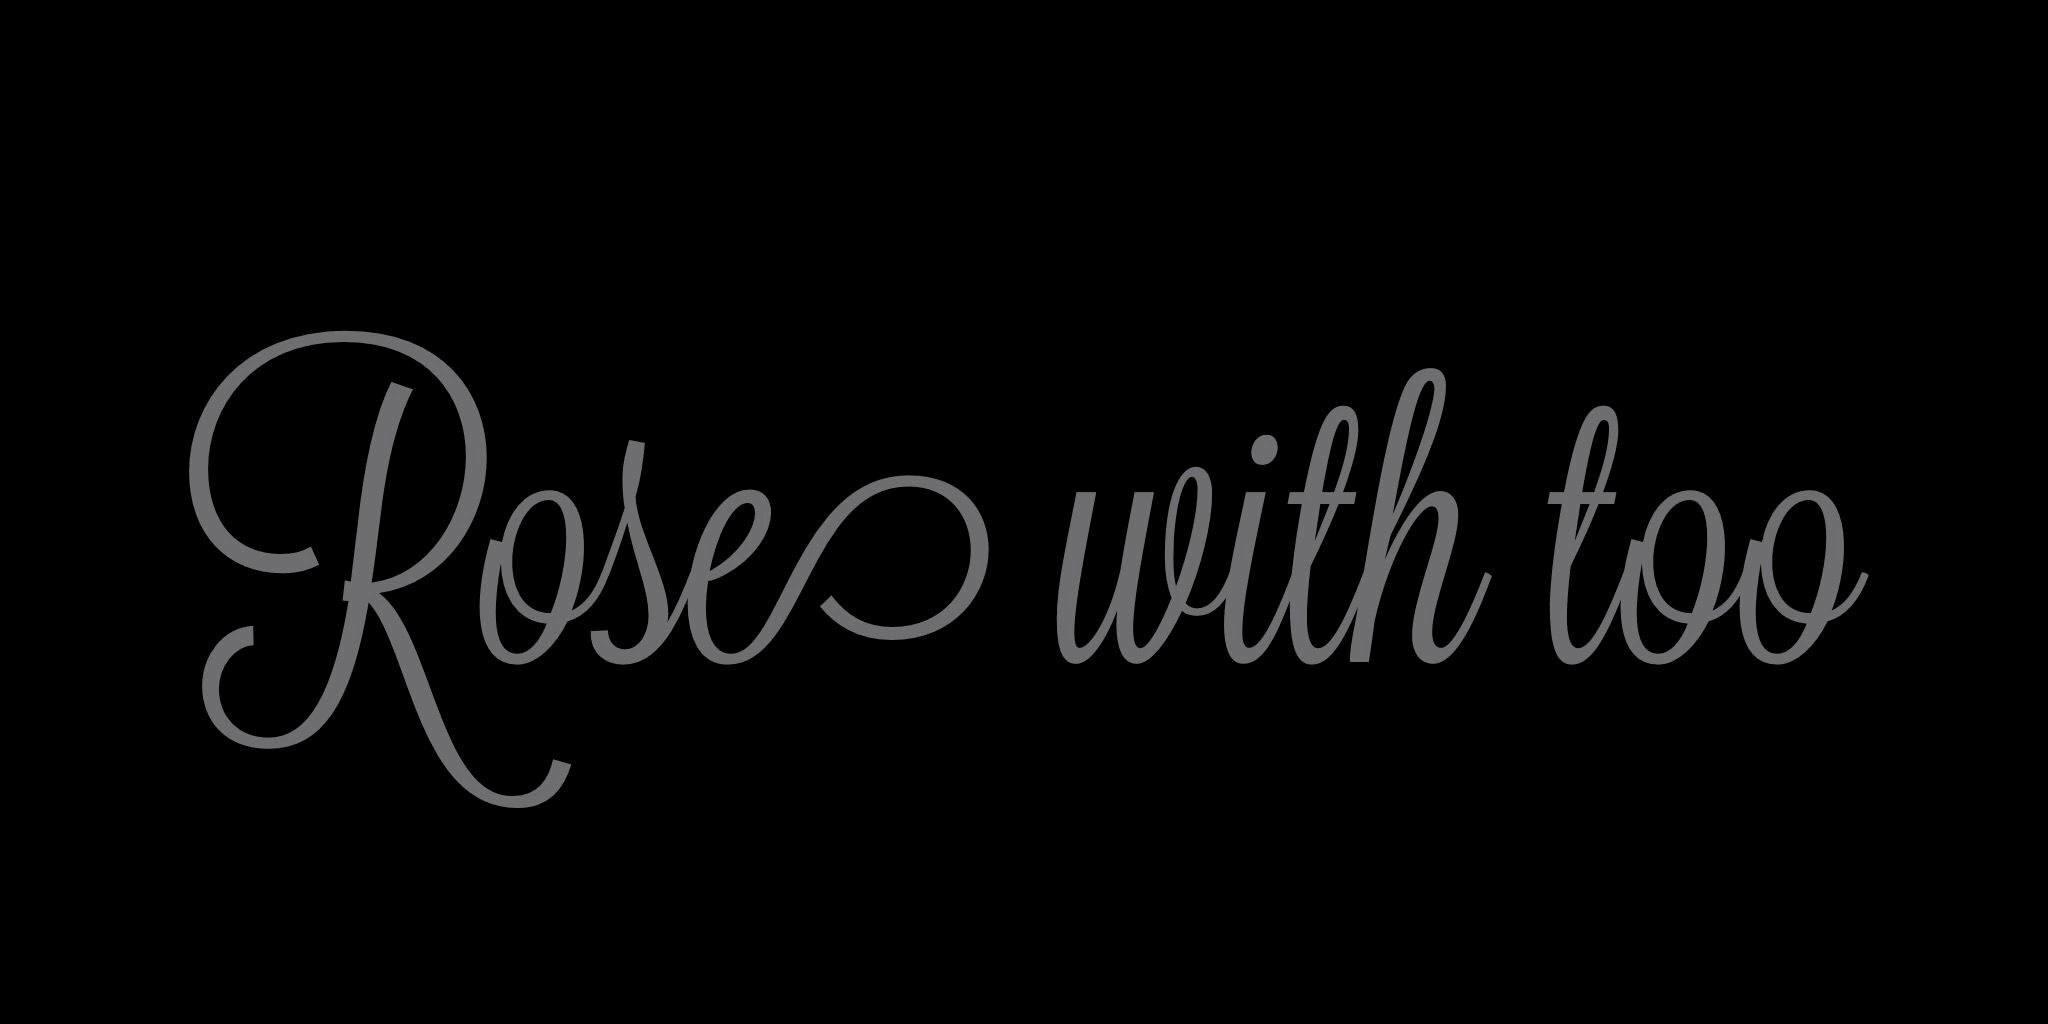 押し花 iPhone ケース専門店 | ROSE with too